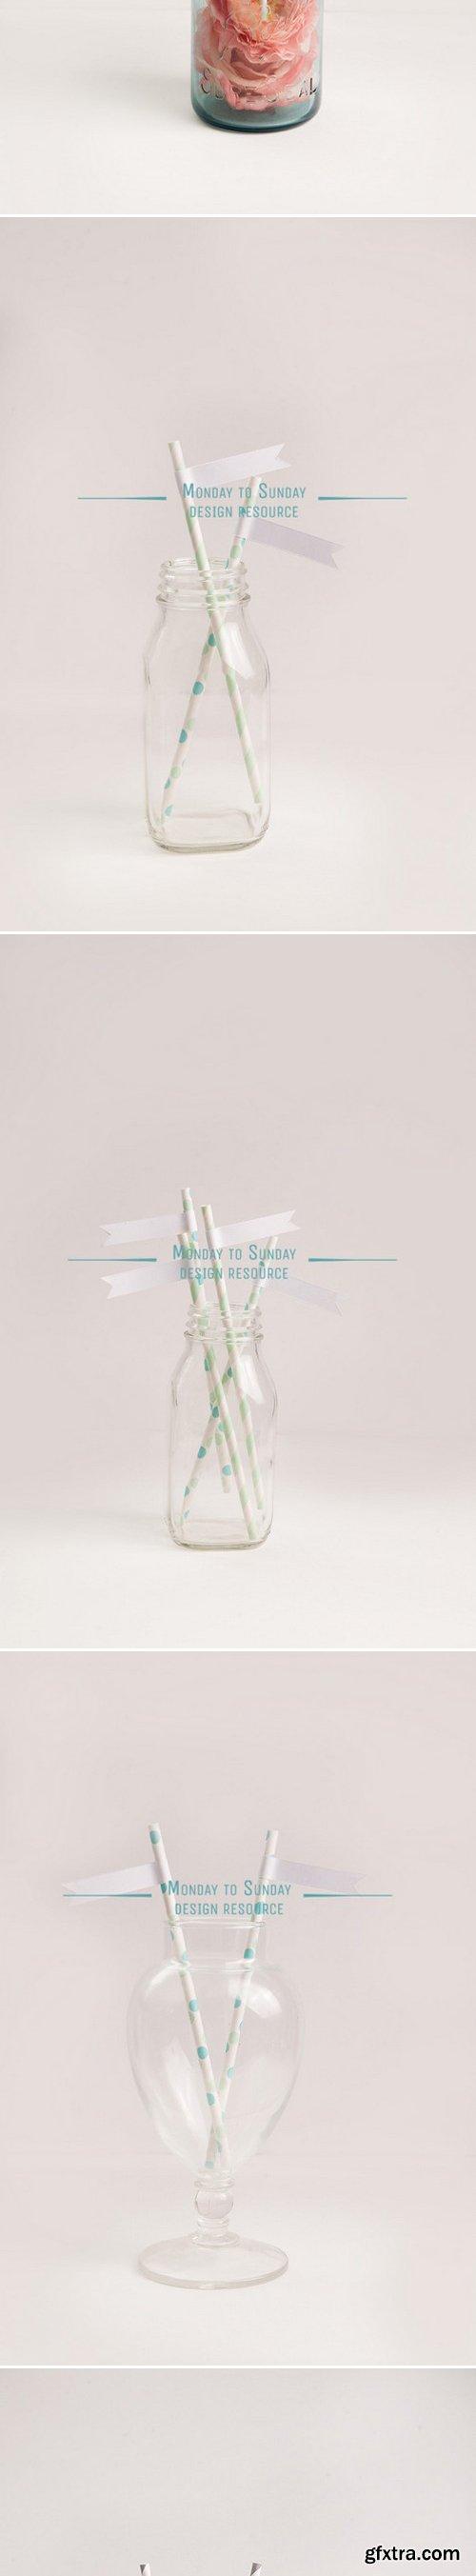 CM - 11 Cute Straw Flag Mockups 398087